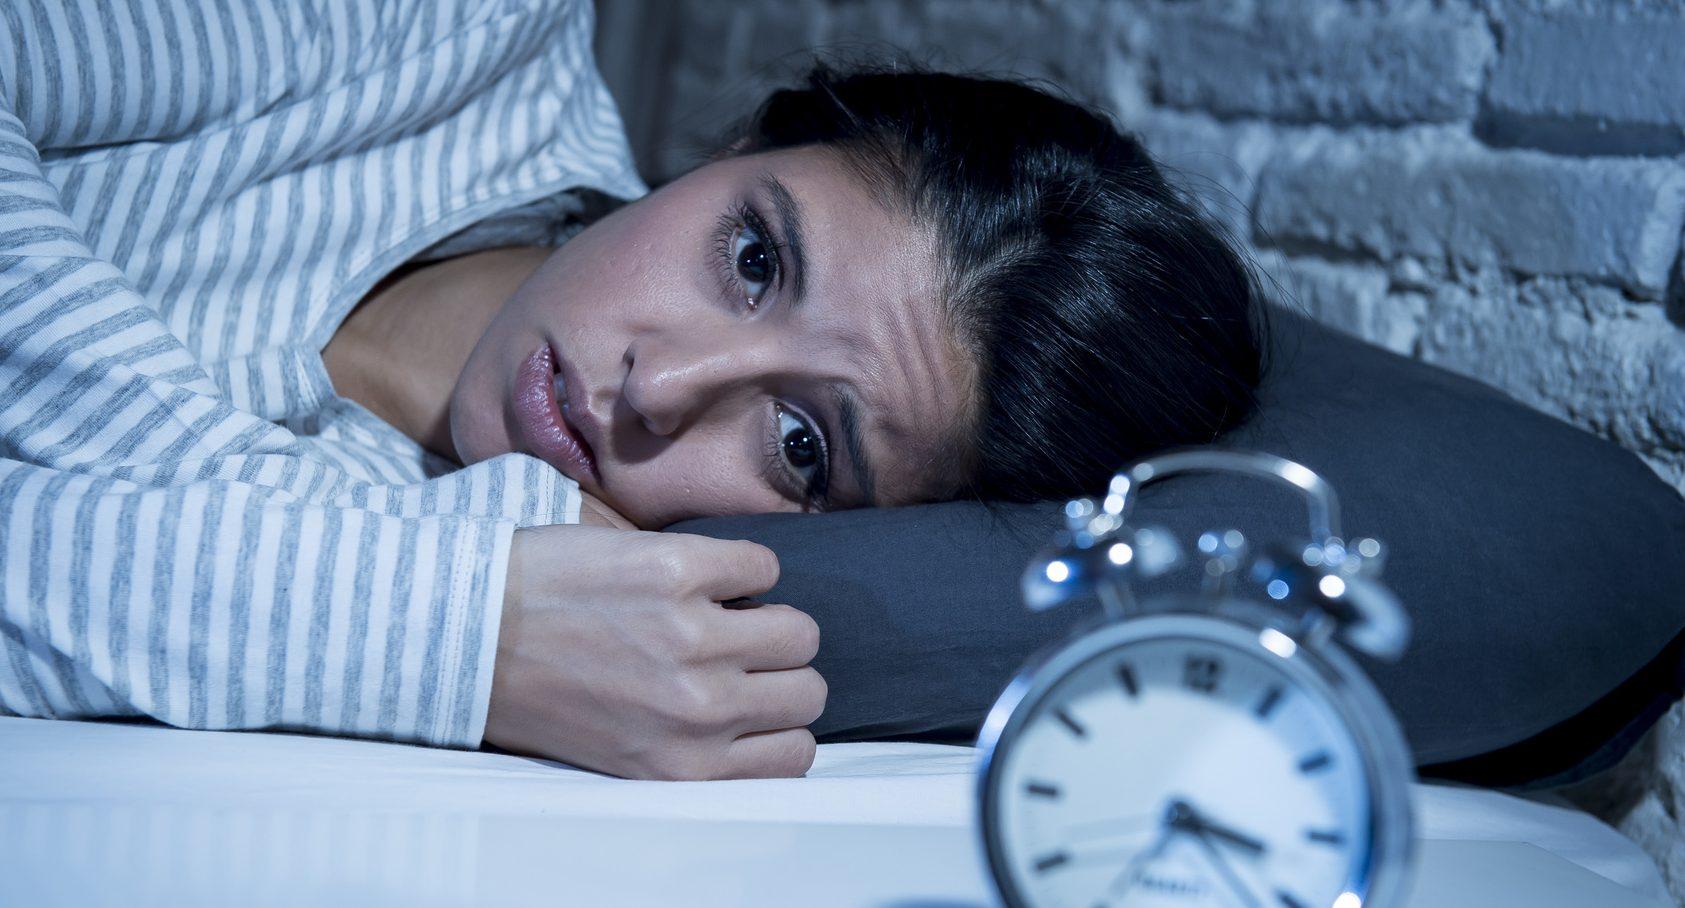 Wenn schlafen tun nicht kann kann man was man Schlaflos